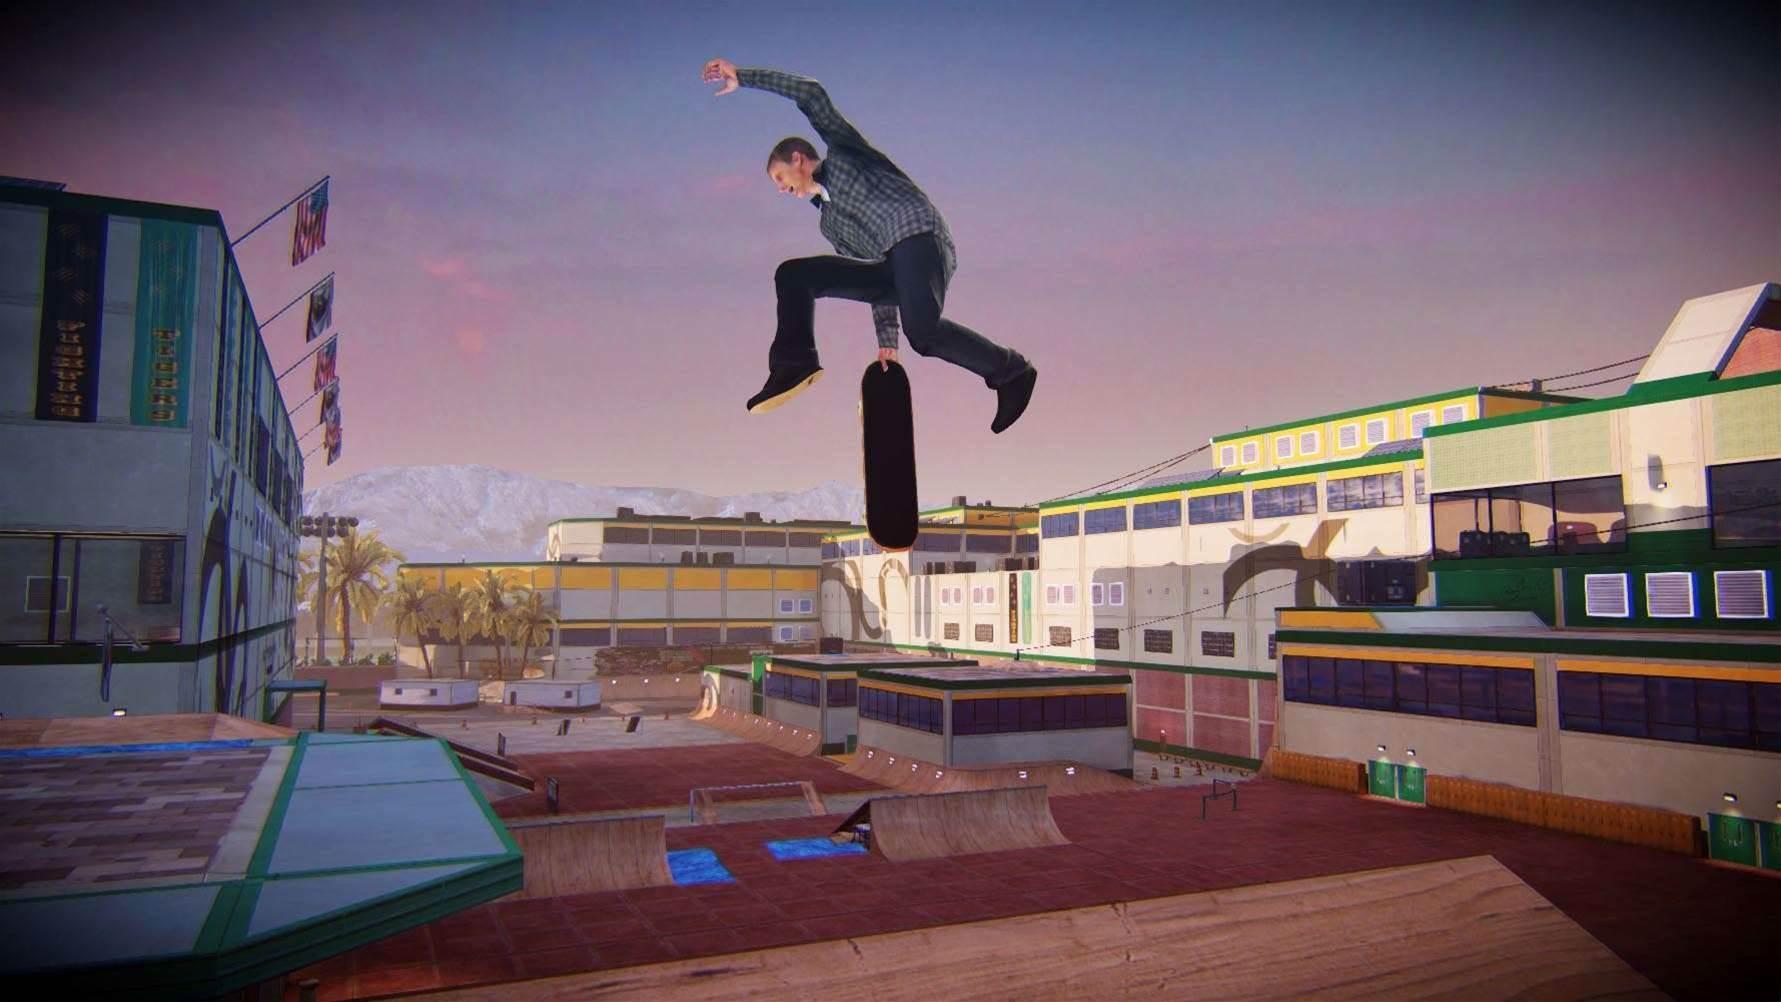 Review: Tony Hawk's Pro Skater 5